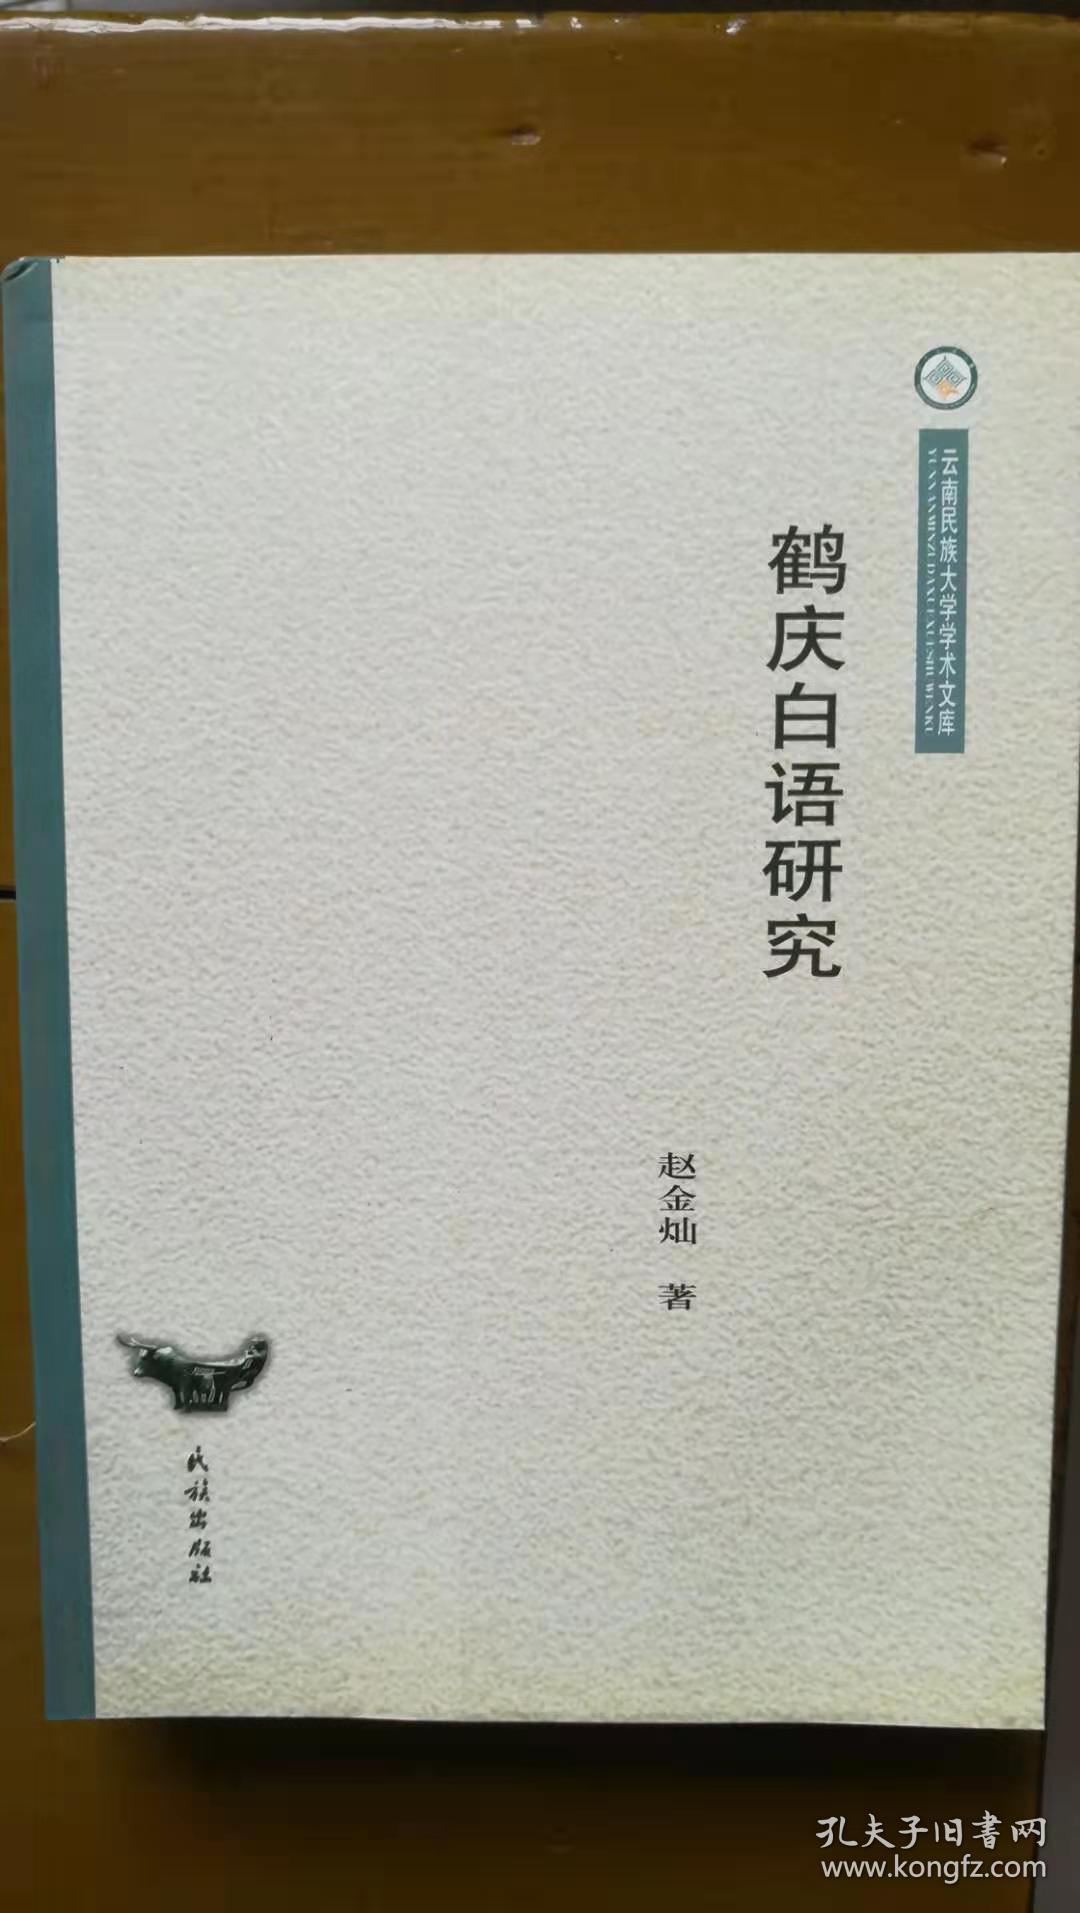 鹤庆白语研究(云南民族大学学术文库)